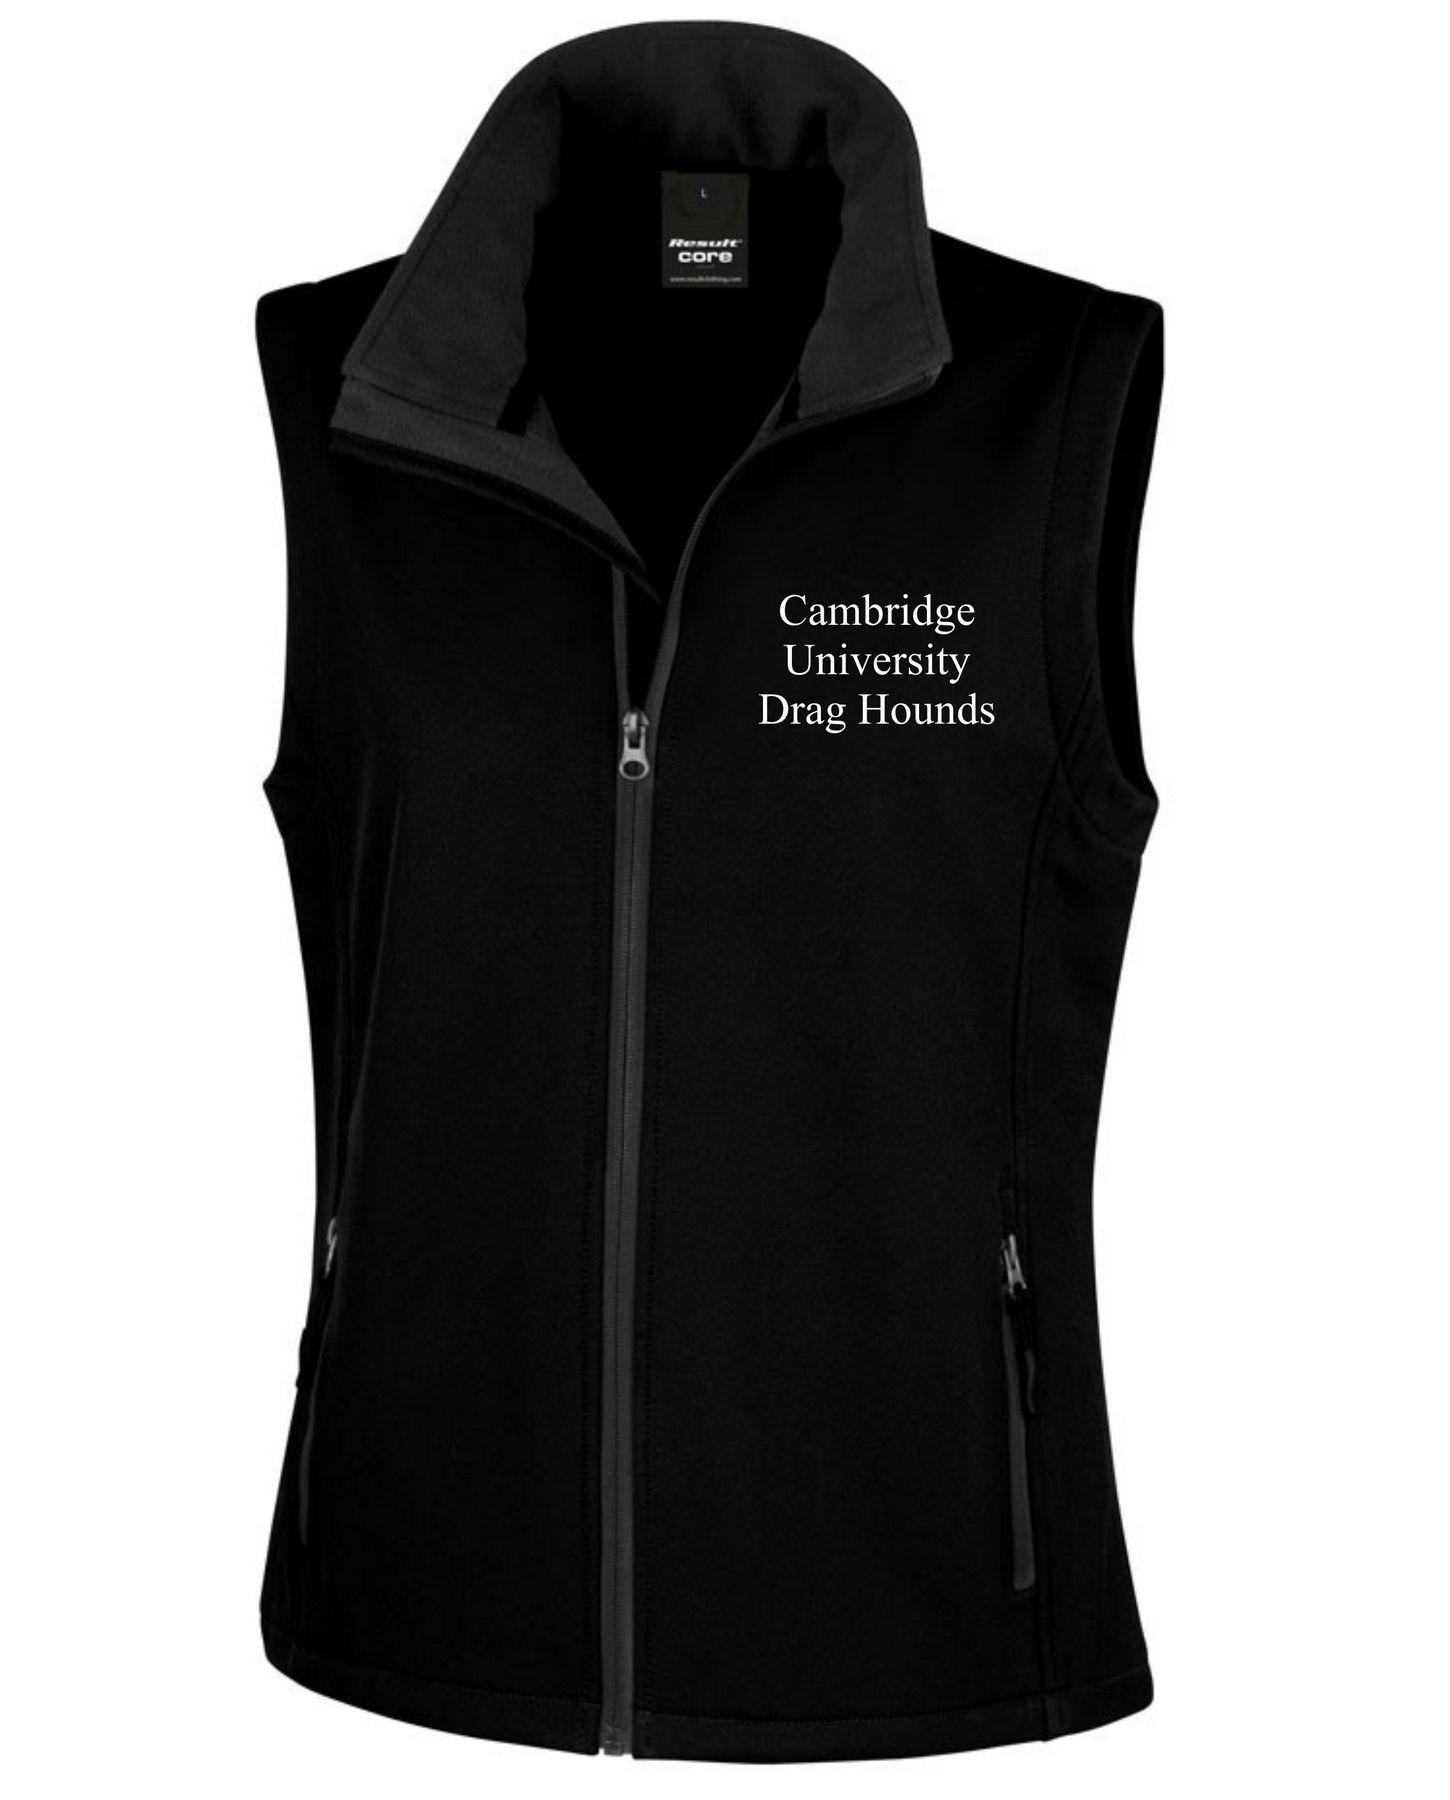 CUDH – Women's Softshell Bodywarmer